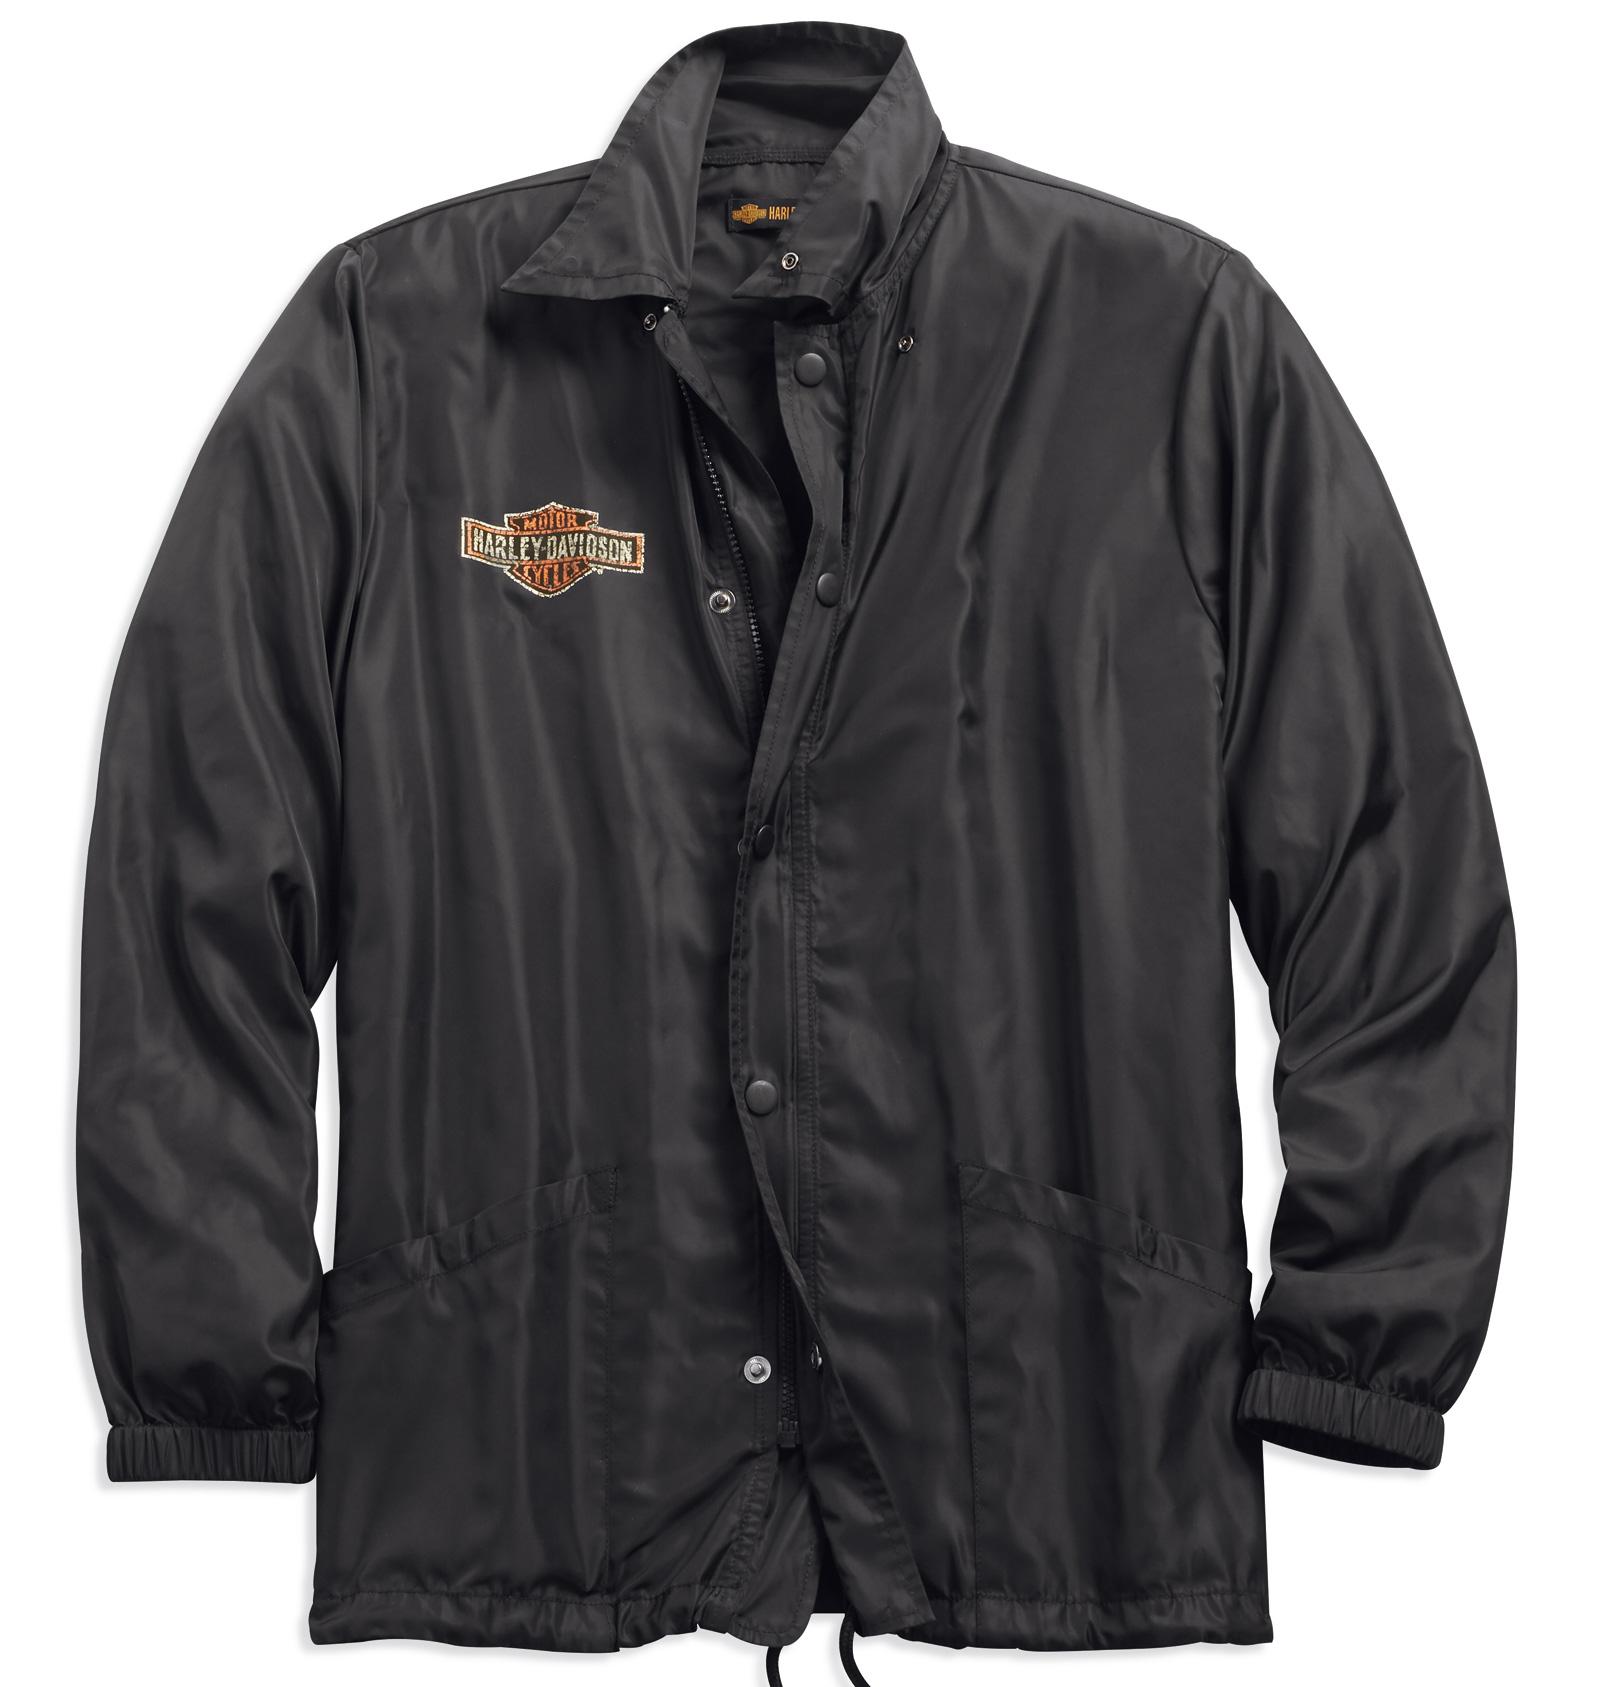 98589 18vm harley davidson lightweight jacket black at. Black Bedroom Furniture Sets. Home Design Ideas